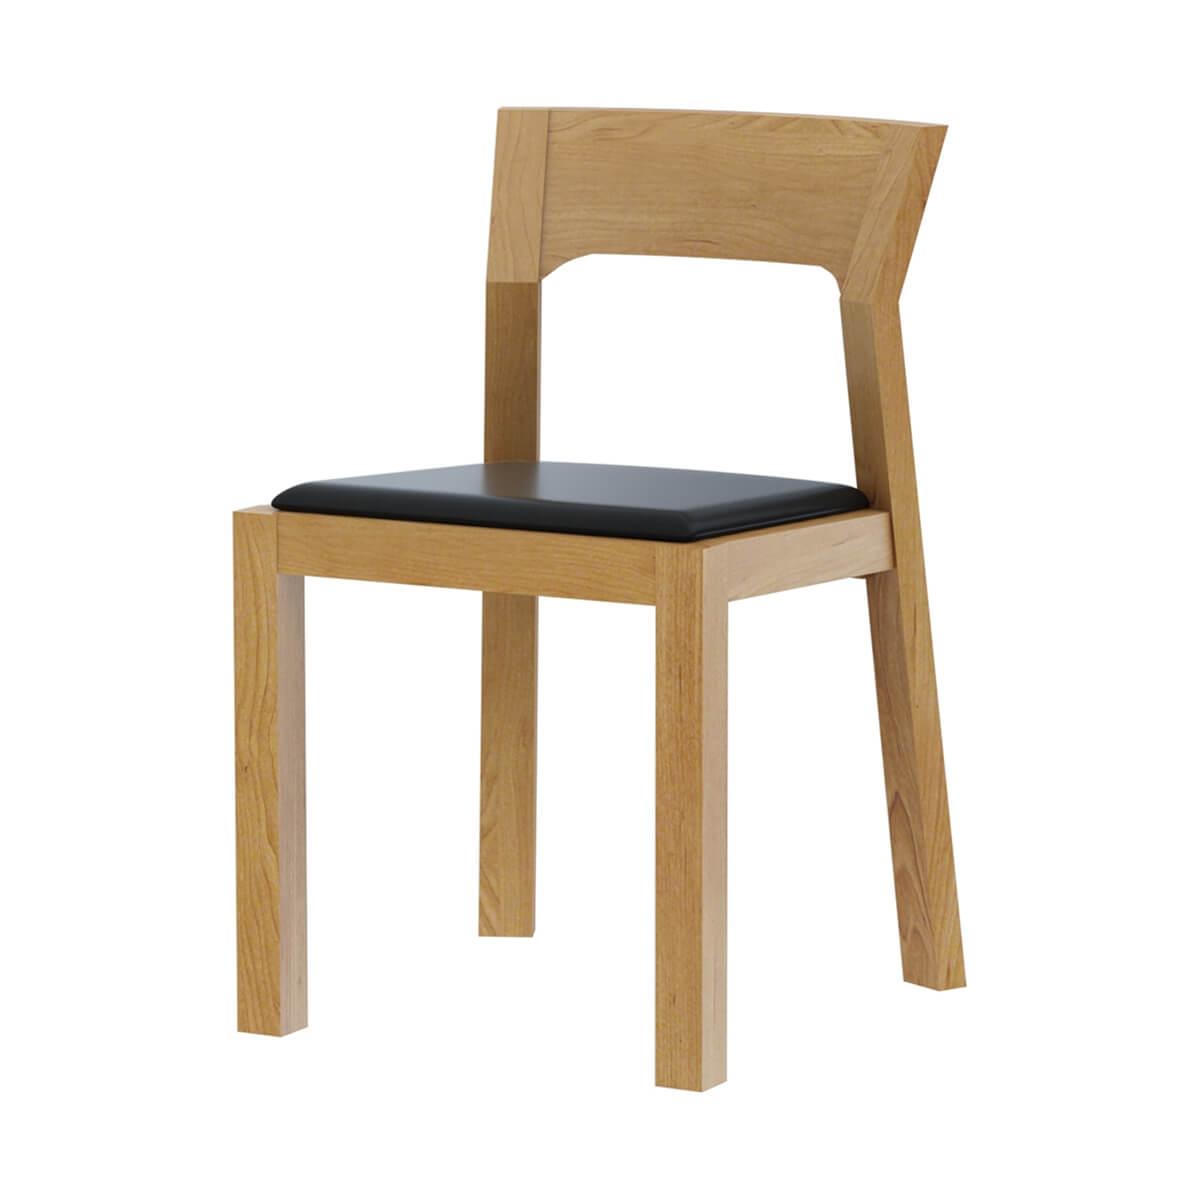 Montecito Teak Wood Modern Round Dining Chair